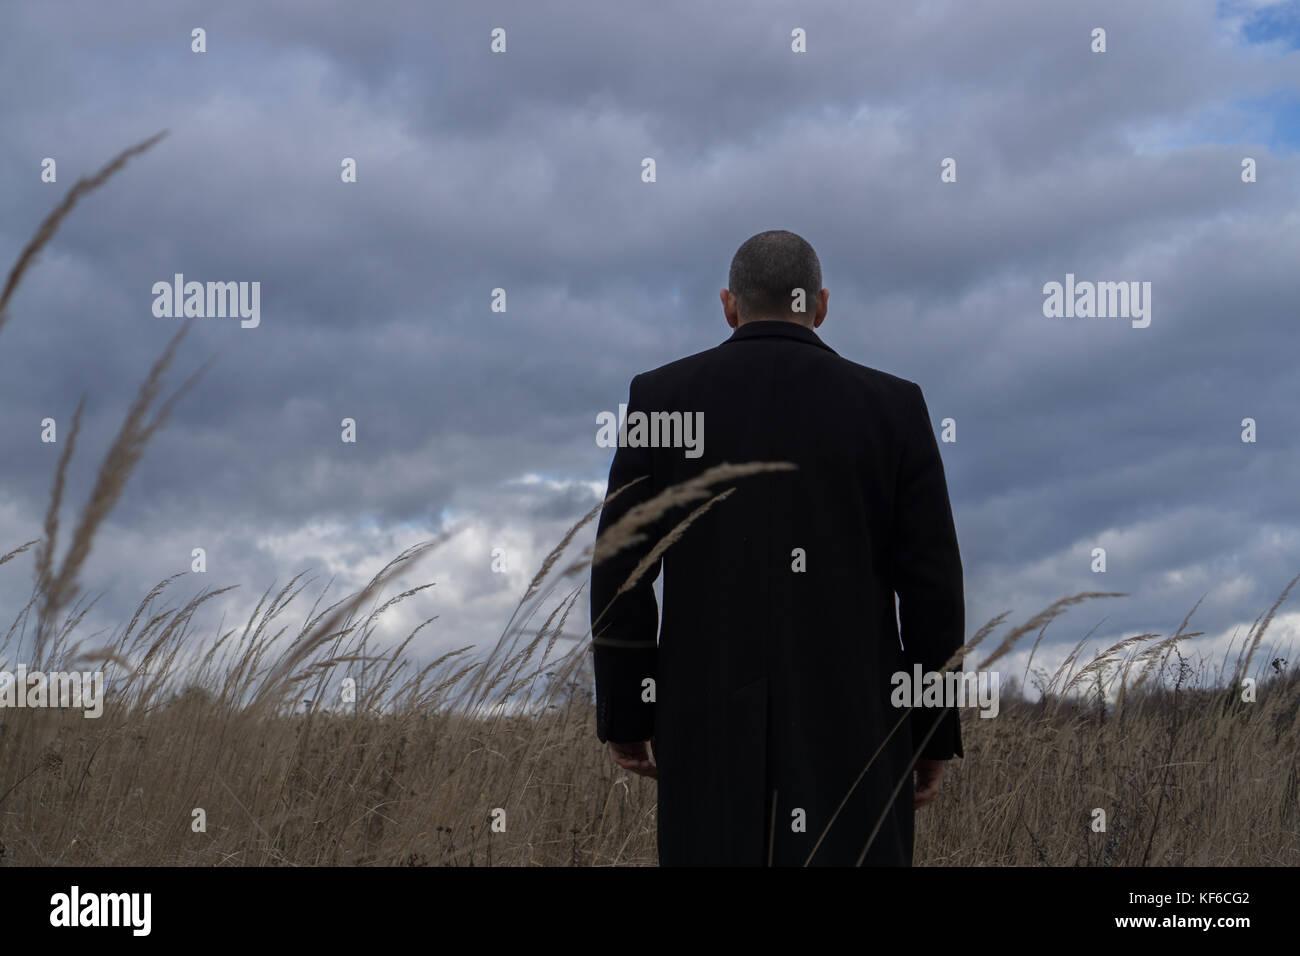 Ansicht der Rückseite ein Mann mit einem Mantel in einem Feld mit bewölktem Himmel Stockbild